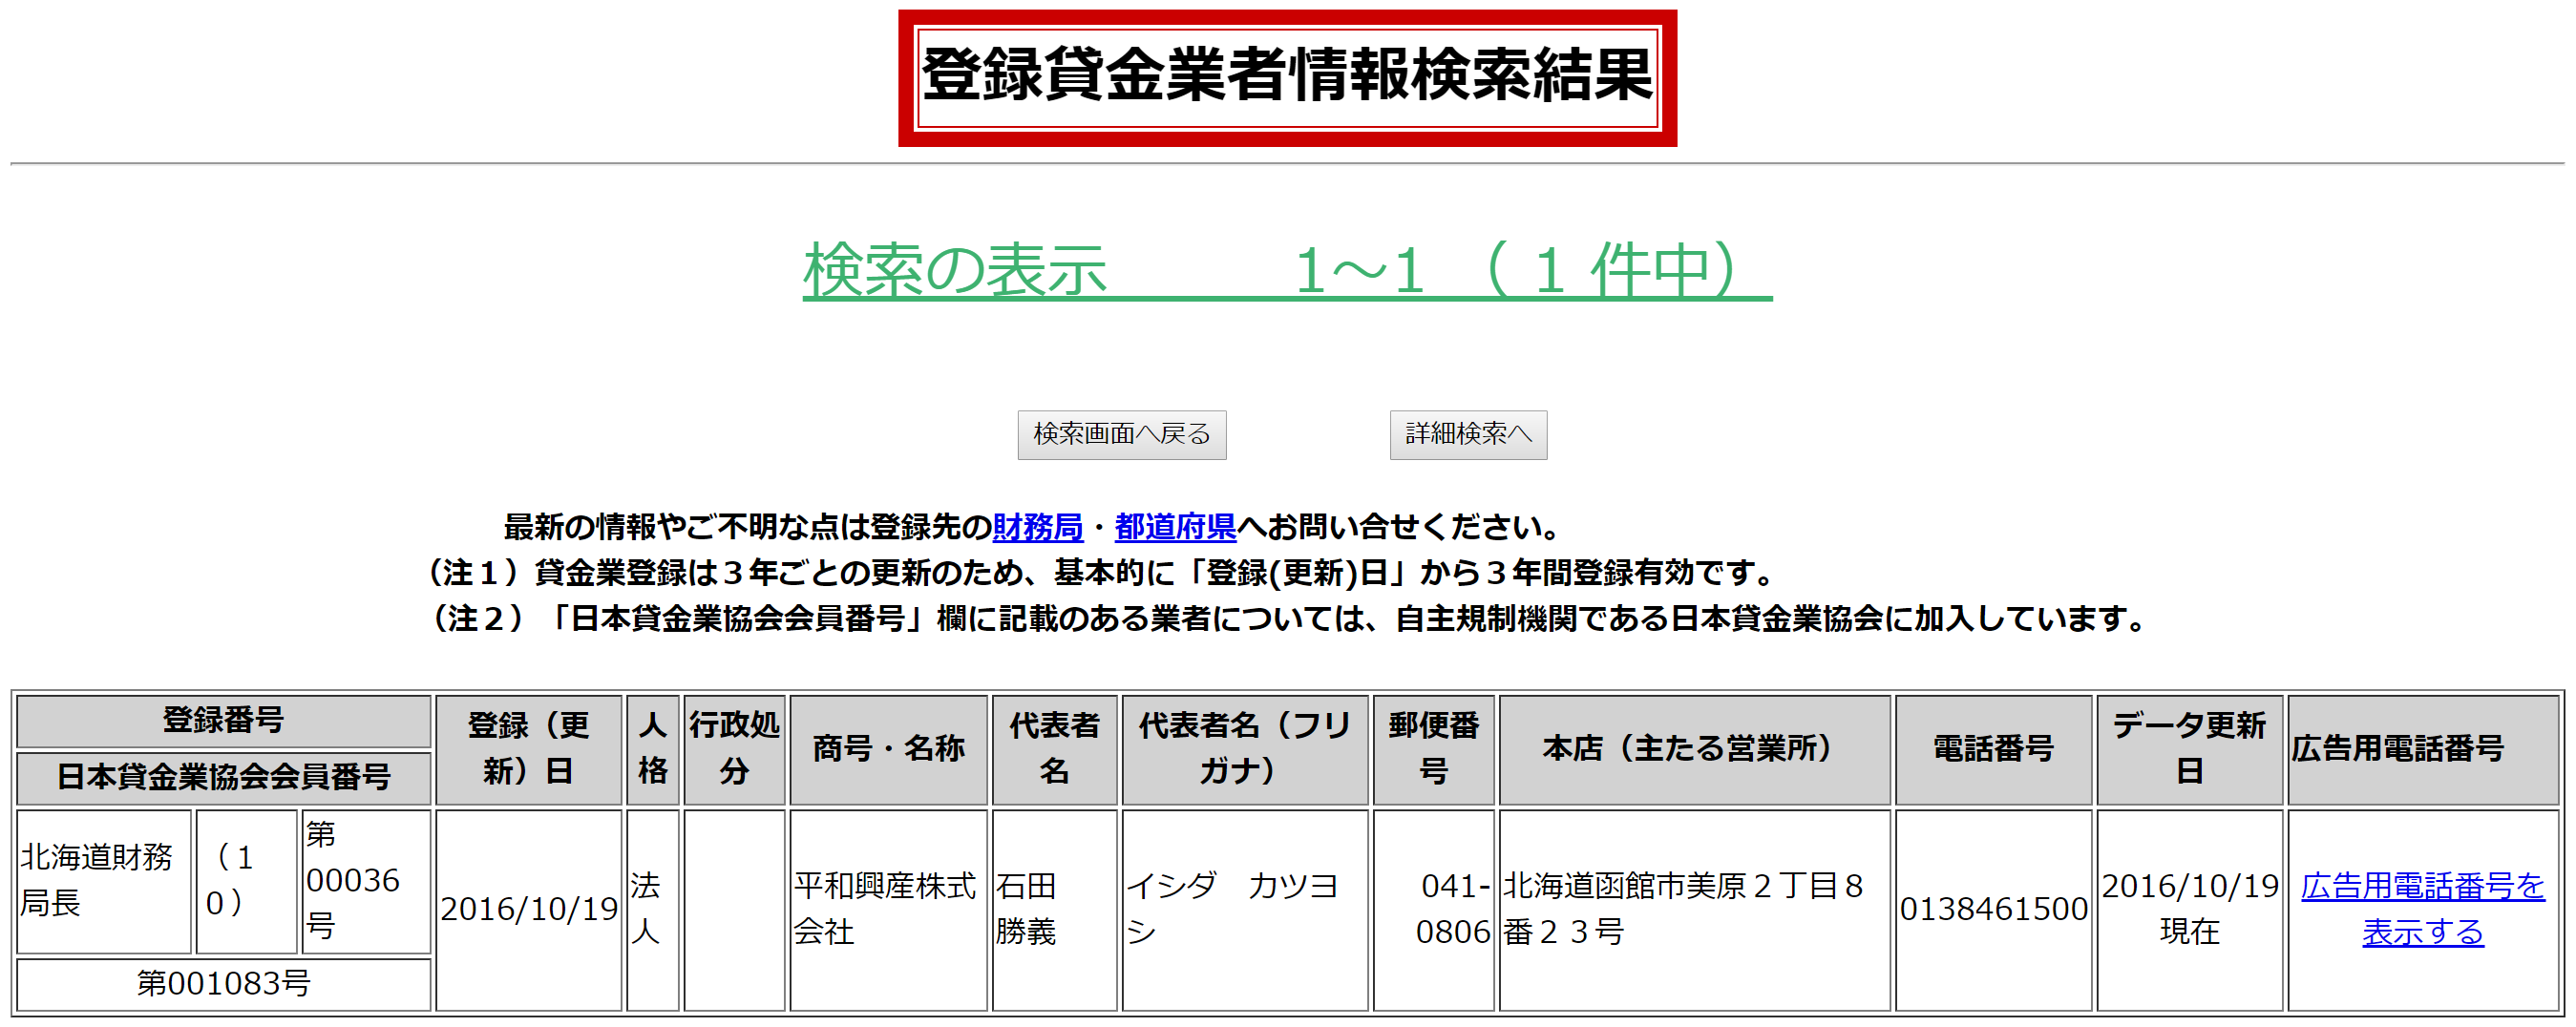 平和興産株式会社の貸金業登録情報